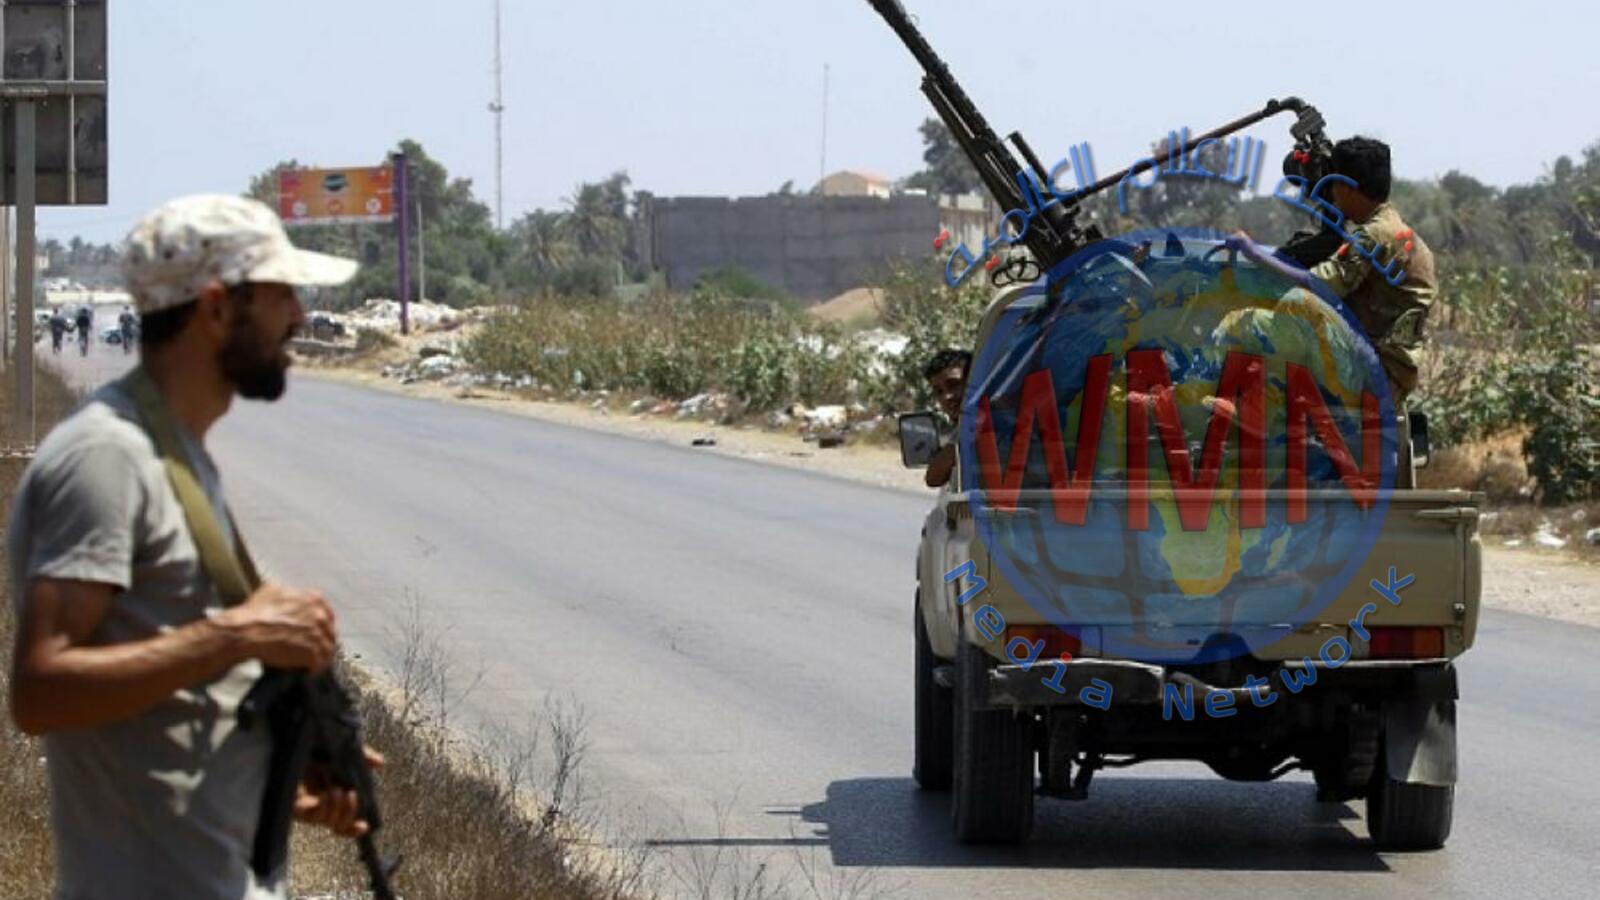 مجلس الأمن الدولي يسعى لوقف إطلاق النار في ليبيا وألمانيا تطلب جلسة طارئة